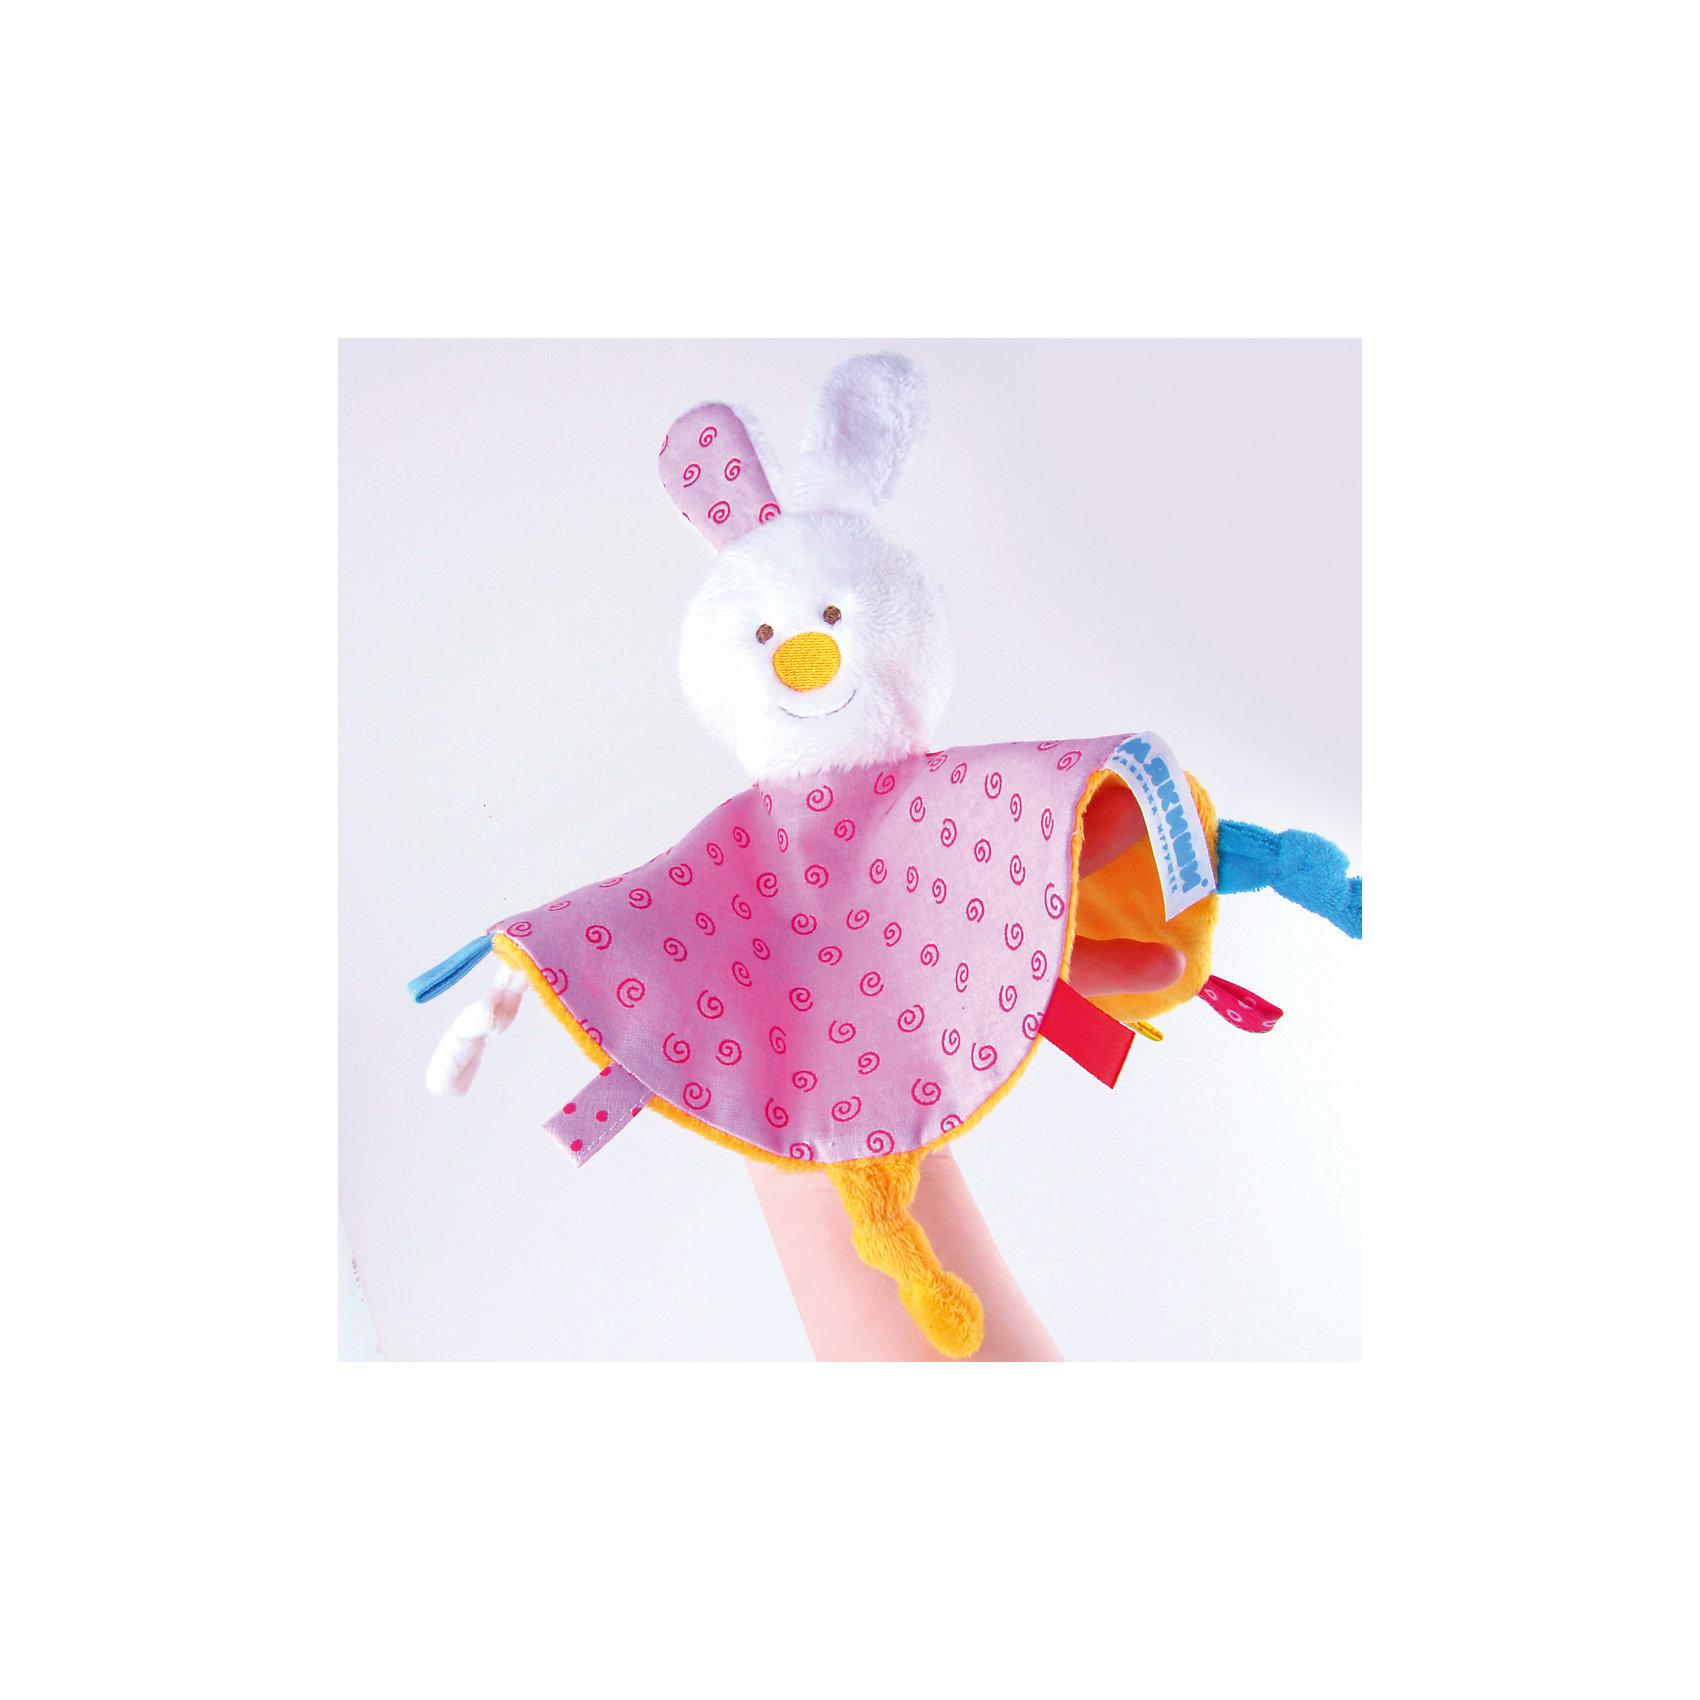 Платочек Зайка, МякишиМягкие игрушки<br>Характеристики товара:<br><br>• материал: разнофактурный текстиль, поролон<br>• комплектация: 1 шт<br>• размер игрушки: 35х2х39 см<br>• петельки<br>• прорезыватель<br>• развивающая игрушка<br>• упаковка: картон<br>• страна бренда: РФ<br>• страна изготовитель: РФ<br><br>Малыши активно познают мир и тянутся к новой информации. Чтобы сделать процесс изучения окружающего пространства интереснее, ребенку можно подарить развивающие игрушки. В процессе игры информация усваивается намного лучше!<br>Такие игрушки помогут занять малыша, играть ими приятно и весело. Одновременно они позволят познакомиться со многими цветами, фактурами, а также научиться завязывать петли. Подобные игрушки развивают тактильные ощущения, моторику, цветовосприятие, логику, воображение, учат фокусировать внимание. Каждое изделие абсолютно безопасно – оно создано из качественной ткани с мягким наполнителем. Игрушки производятся из качественных и проверенных материалов, которые безопасны для детей.<br><br>Платочек Зайка от бренда Мякиши можно купить в нашем интернет-магазине.<br><br>Ширина мм: 210<br>Глубина мм: 20<br>Высота мм: 210<br>Вес г: 140<br>Возраст от месяцев: 12<br>Возраст до месяцев: 36<br>Пол: Женский<br>Возраст: Детский<br>SKU: 5183219